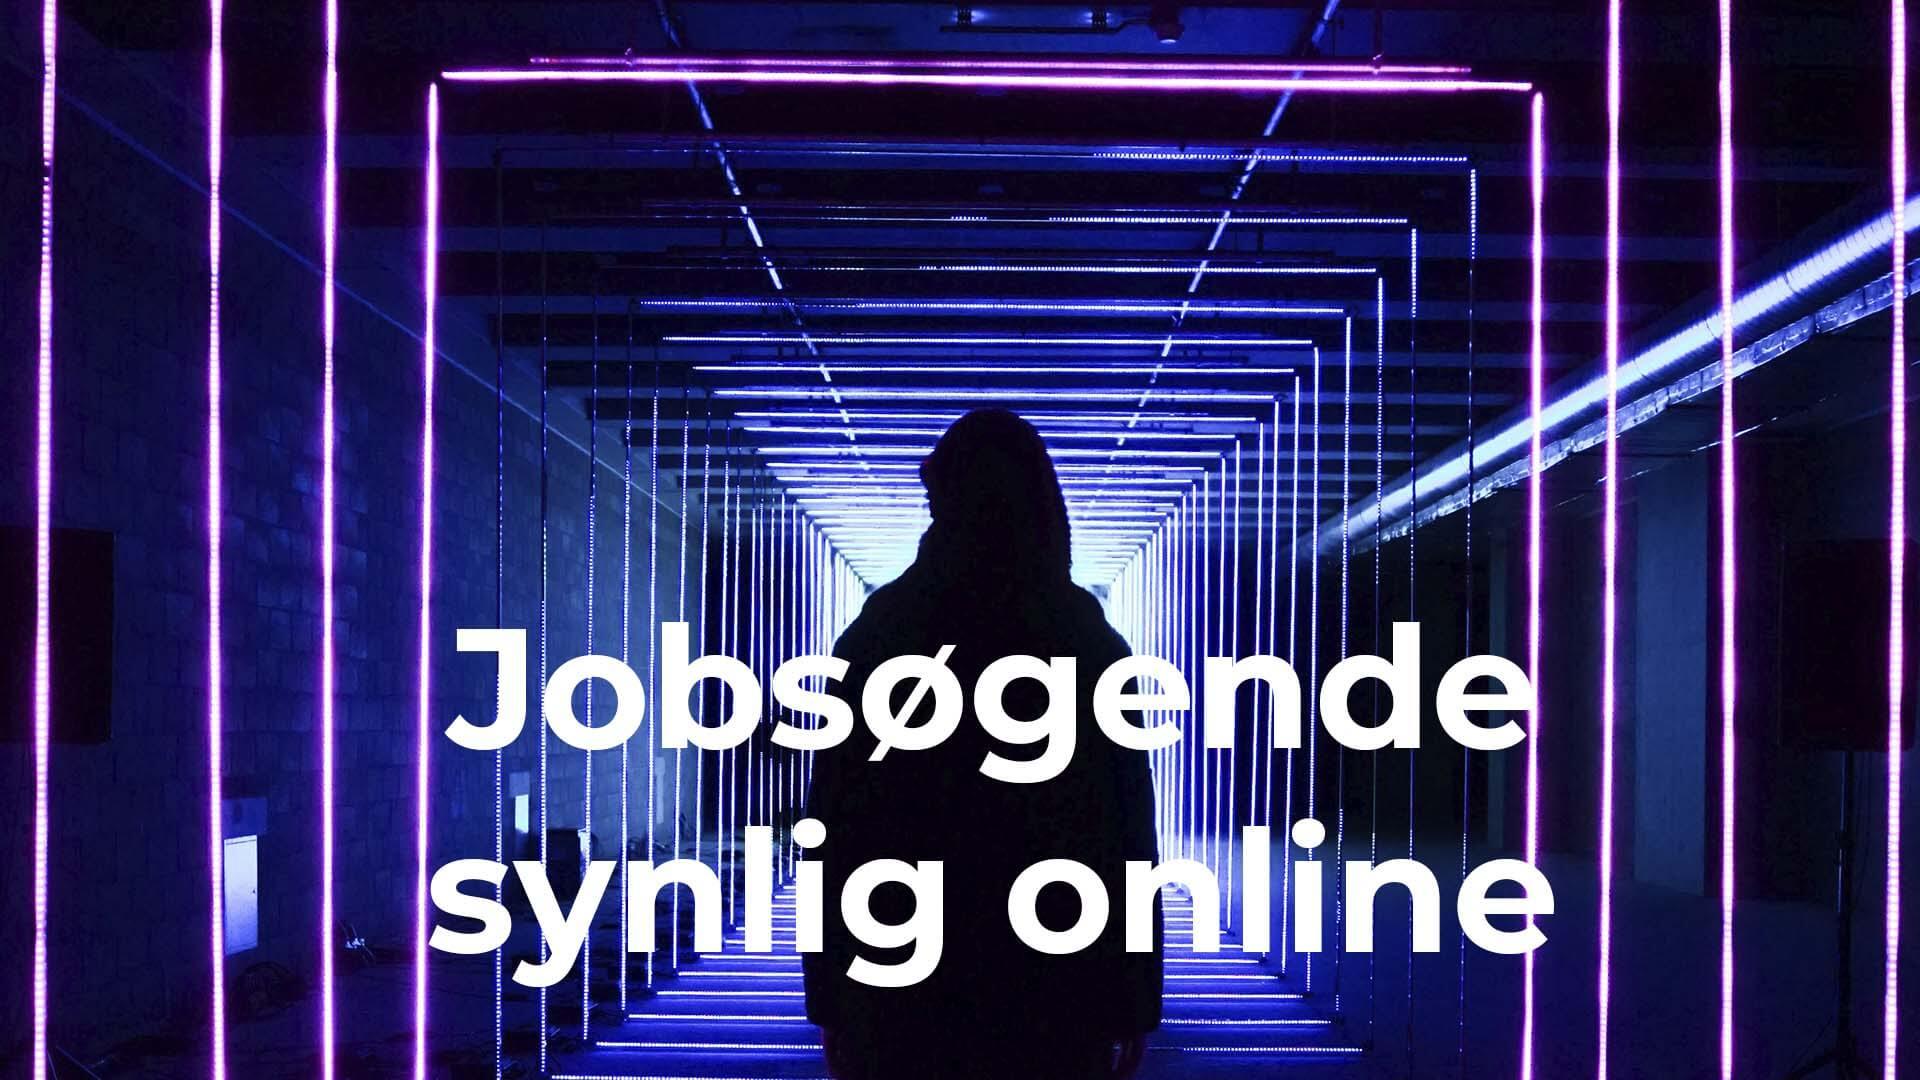 jobsøgende være synlig online